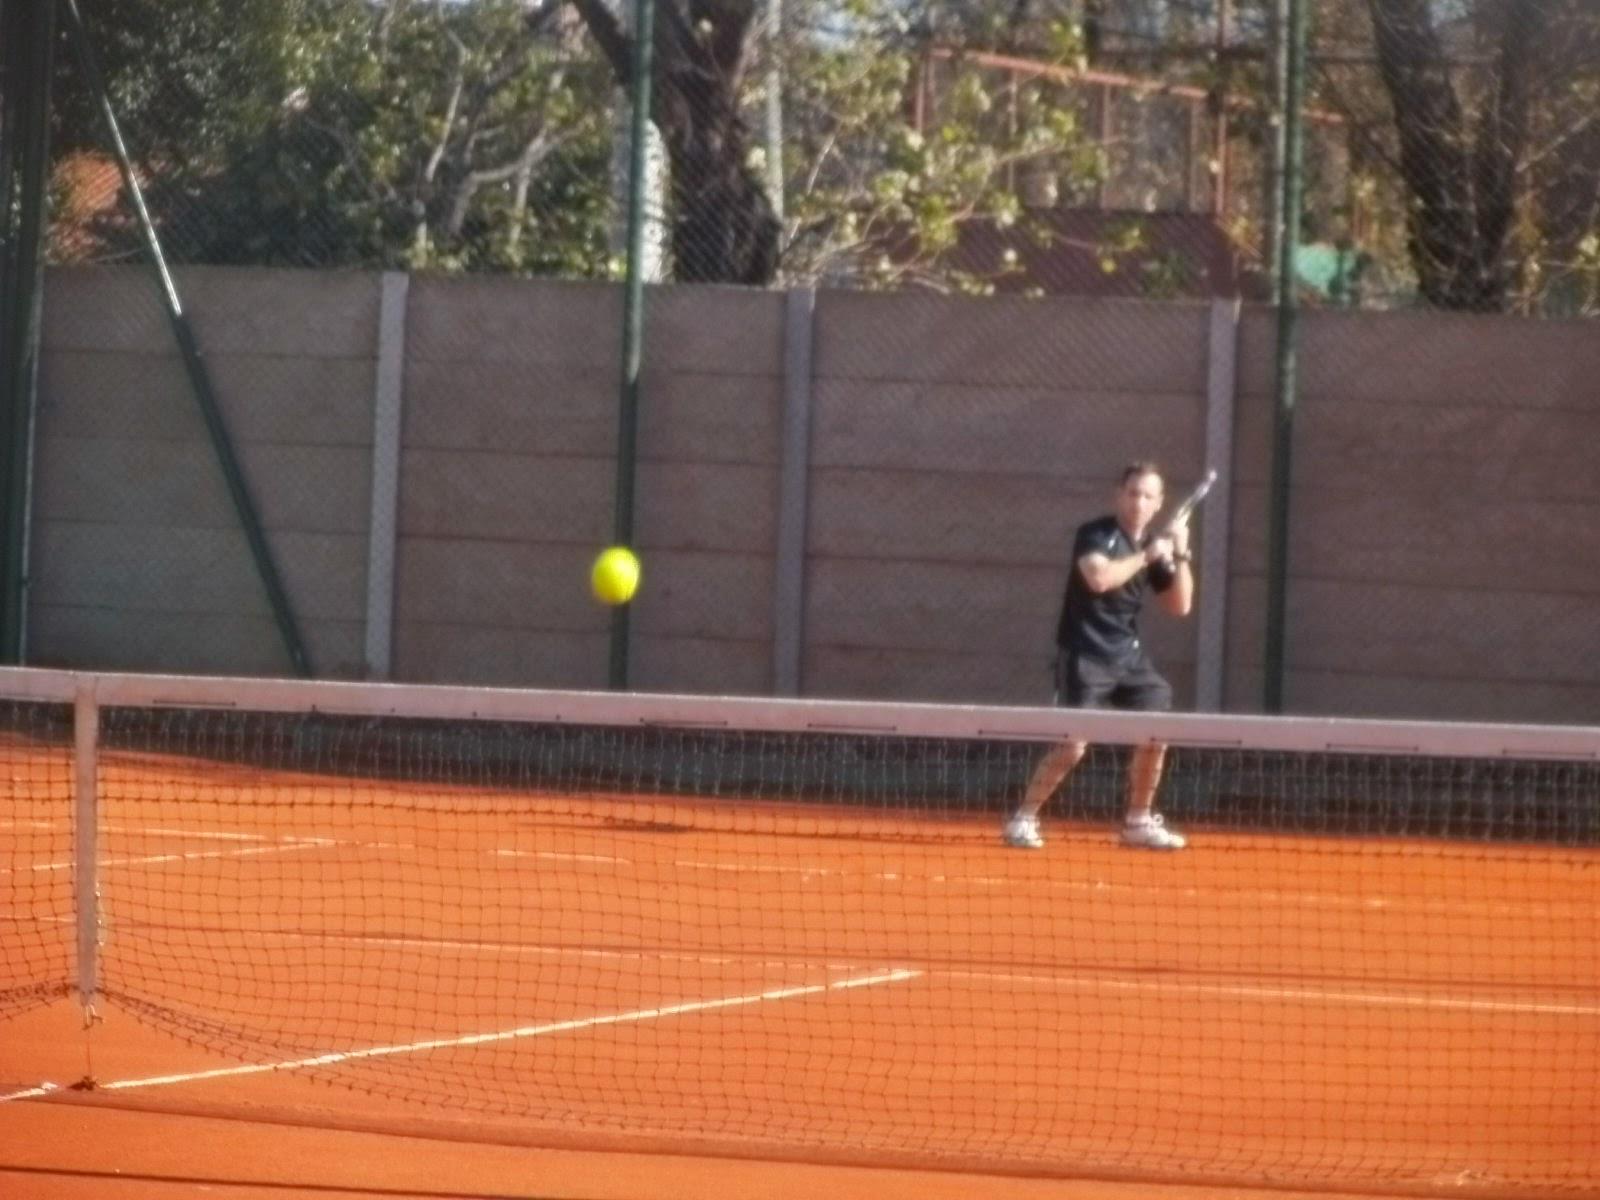 Circuito Tenis : Club moron tenis más circuito en morón ahora